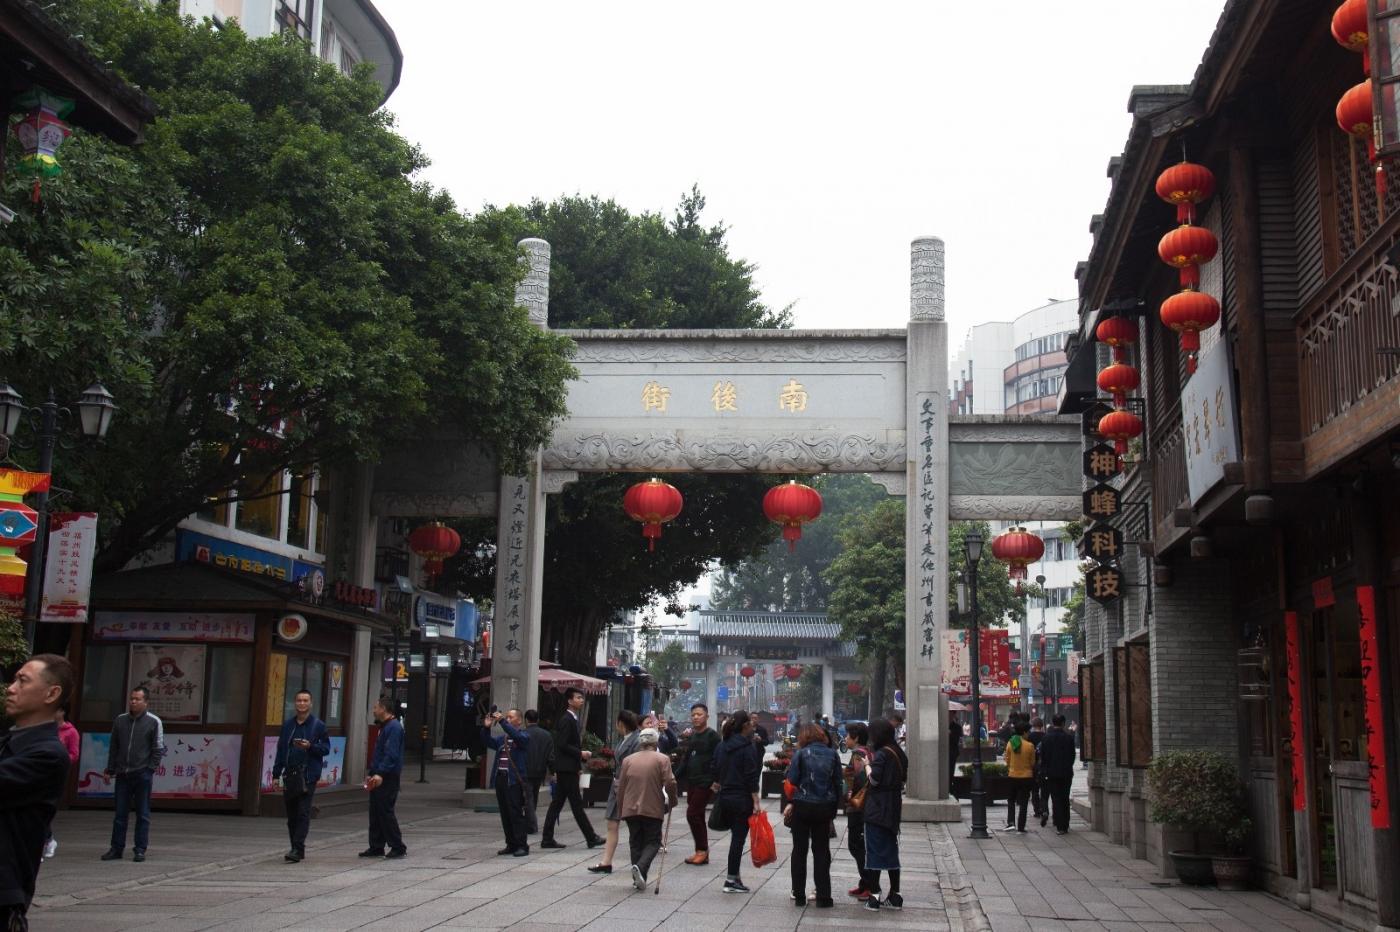 三坊七巷是福州市的旅游胜地_图1-4